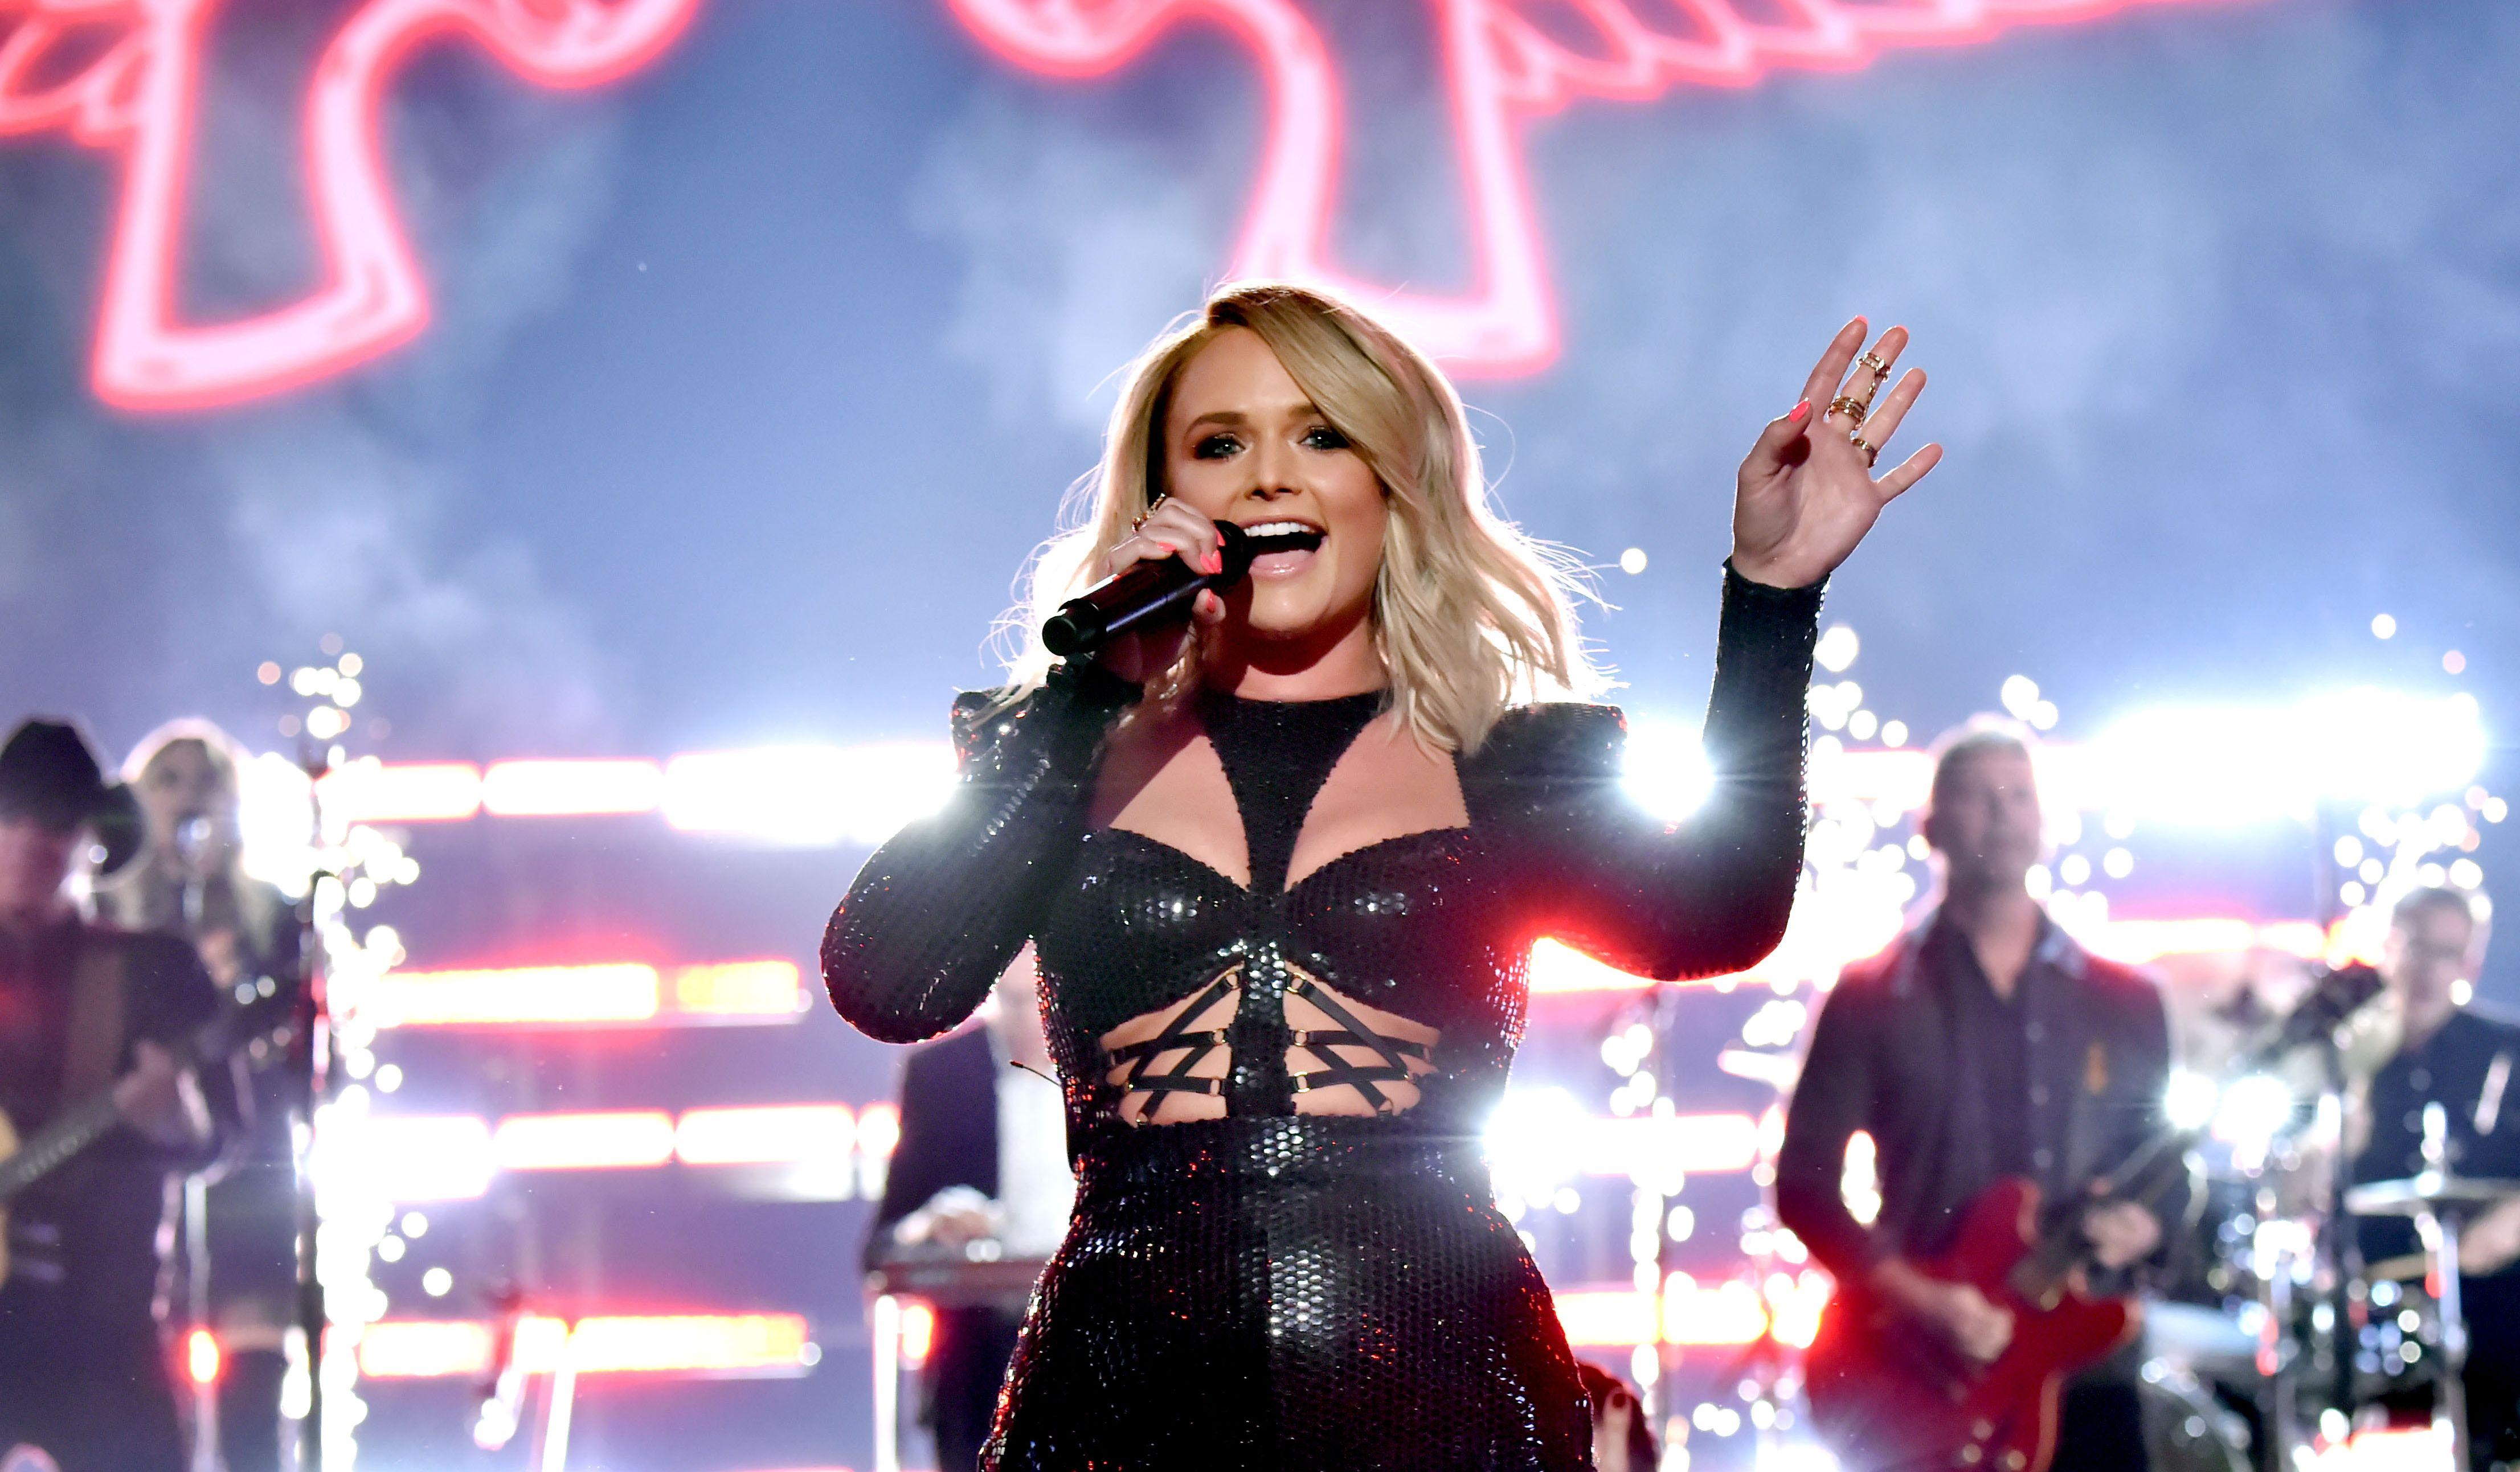 Miranda showed off her sparkler during her rocking ACM Awards performance.